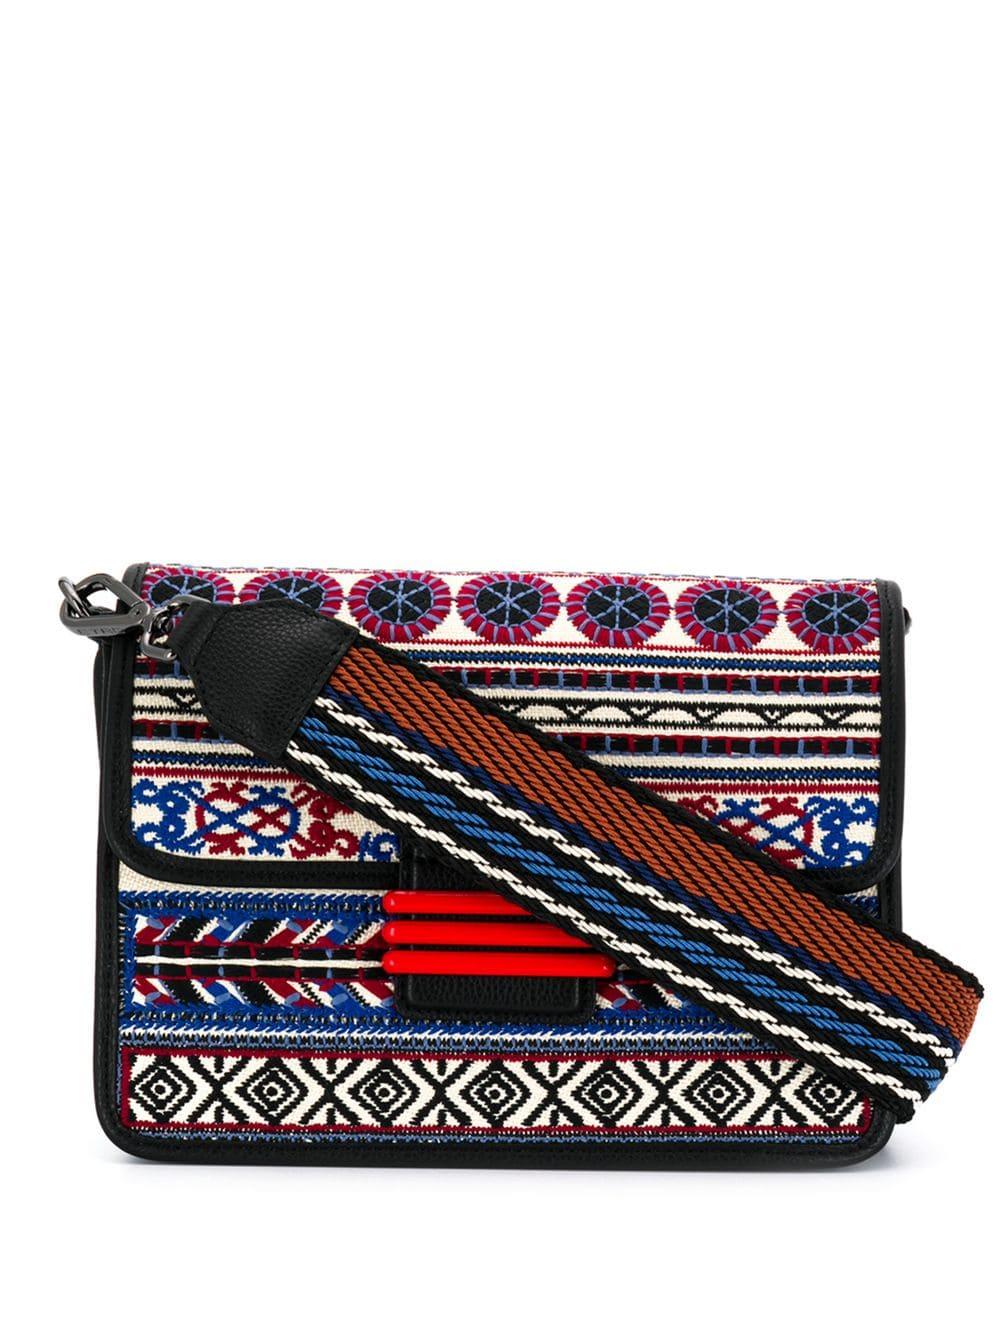 830676bfd838 Embroidere Patchwork Shoulder Bag - ETRO - Russocapri